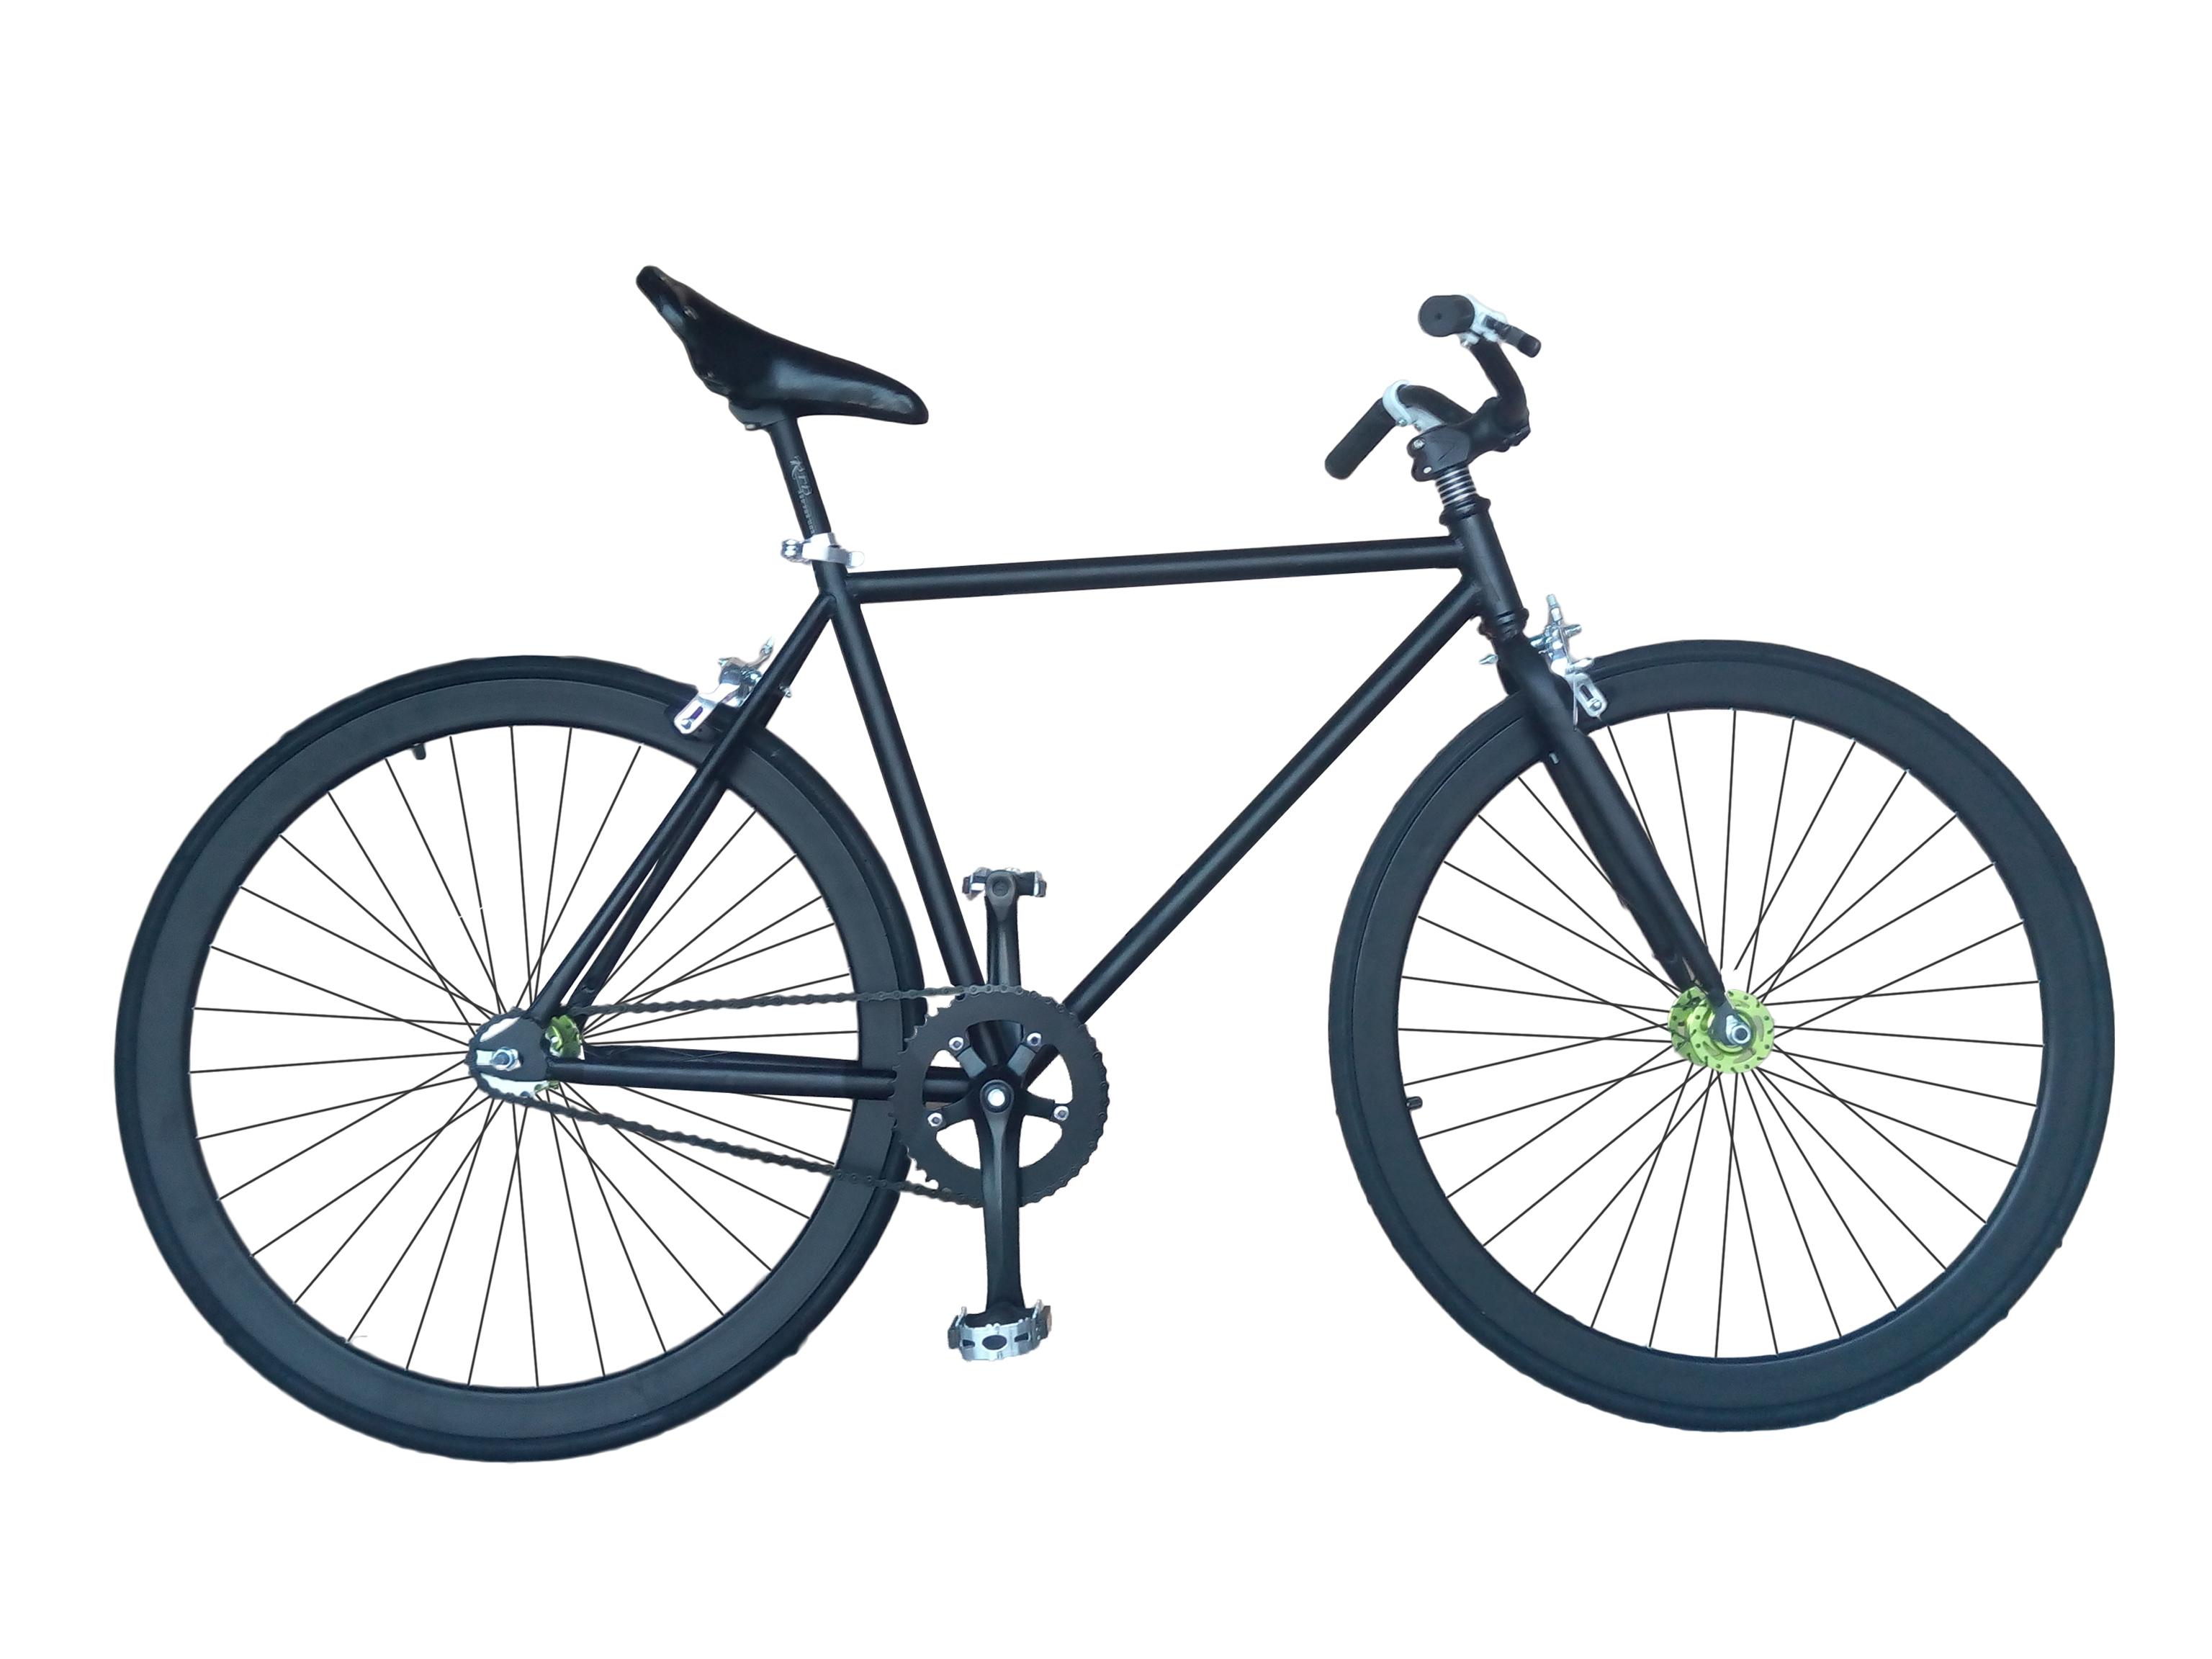 Fixie Tribeca 23 | Bicicleta fixie negra de doble piñón - Helliot Bikes